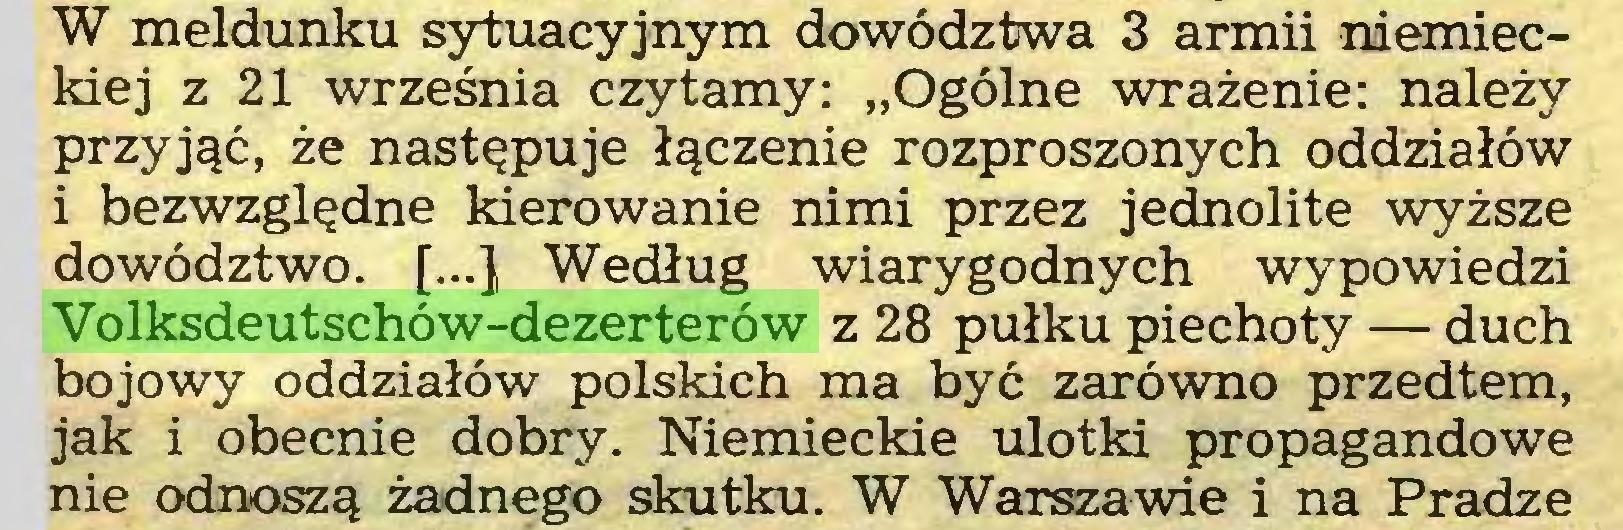 """(...) W meldunku sytuacyjnym dowództwa 3 armii niemieckiej z 21 września czytamy: """"Ogólne wrażenie: należy przyjąć, że następuje łączenie rozproszonych oddziałów i bezwzględne kierowanie nimi przez jednolite wyższe dowództwo. [...} Według wiarygodnych wypowiedzi Volksdeutschów-dezerterów z 28 pułku piechoty — duch bojowy oddziałów polskich ma być zarówno przedtem, jak i obecnie dobry. Niemieckie ulotki propagandowe nie odnoszą żadnego skutku. W Warszawie i na Pradze..."""